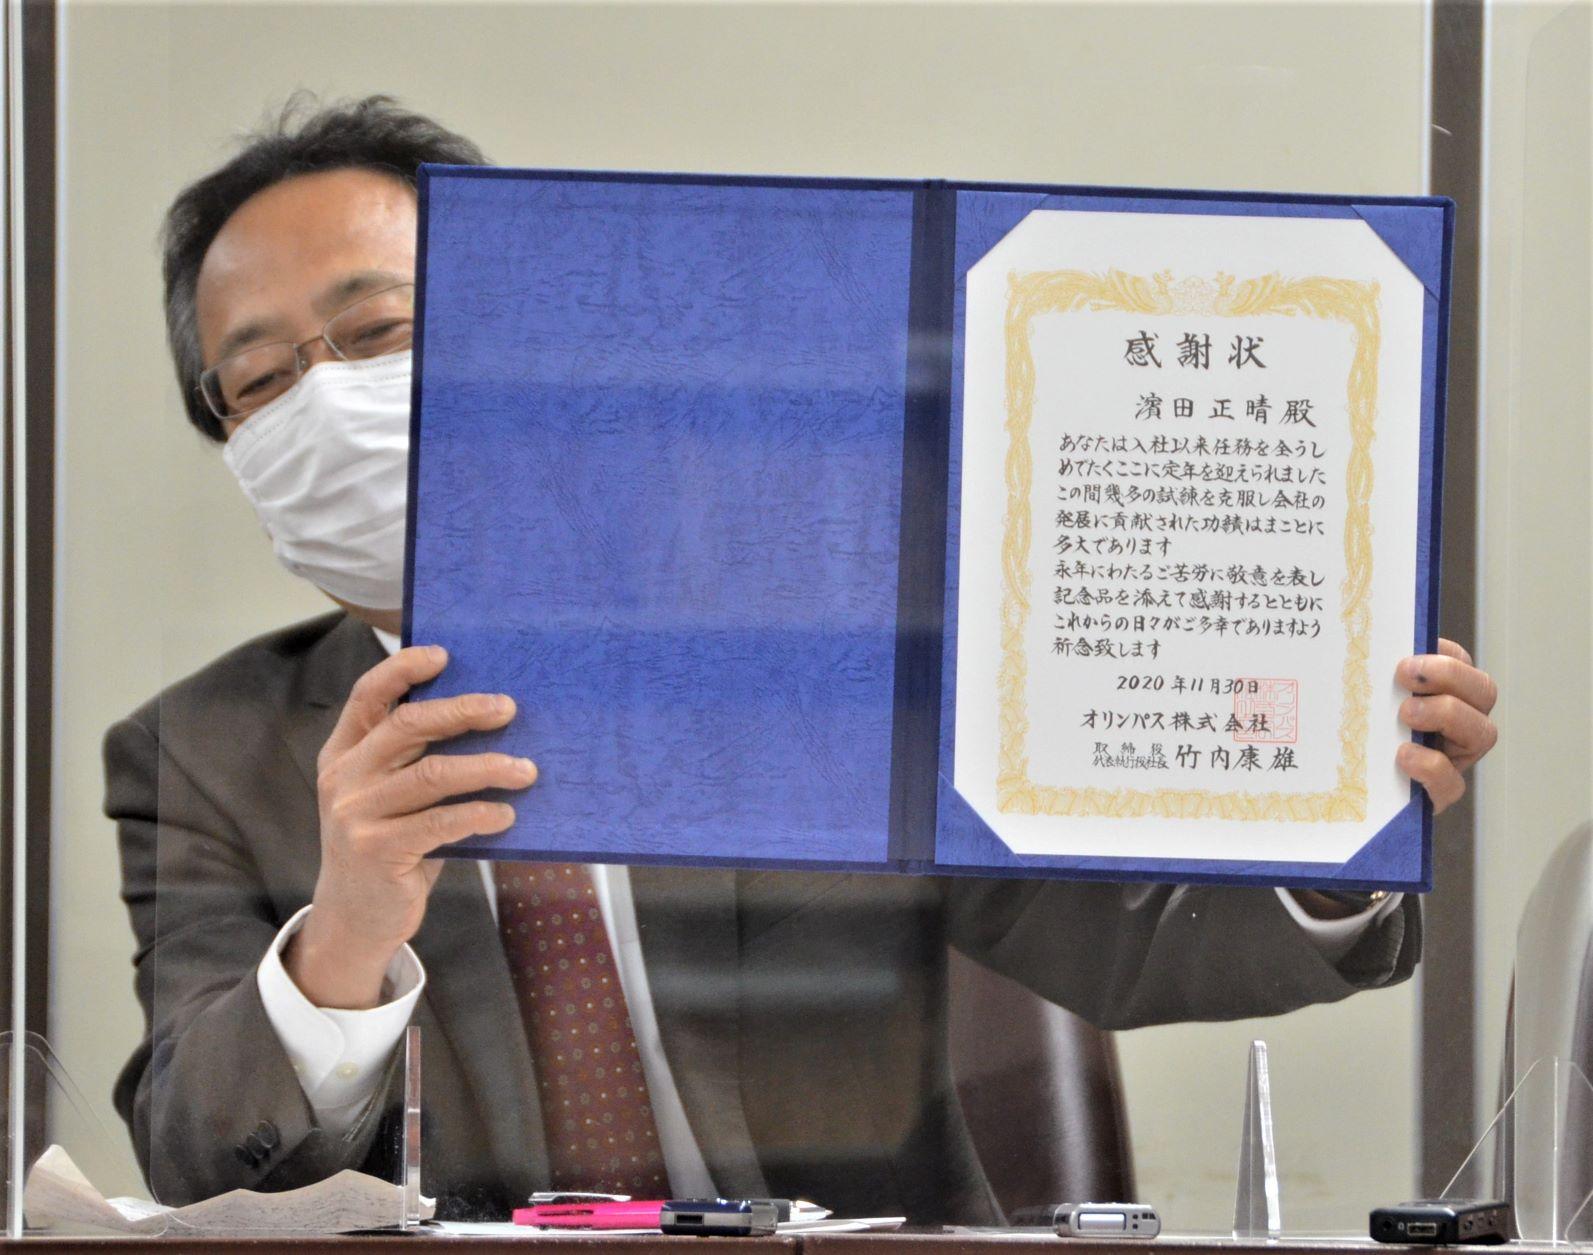 オリンパス社員に東京弁護士会「人権賞」、公益通報者保護の活動で